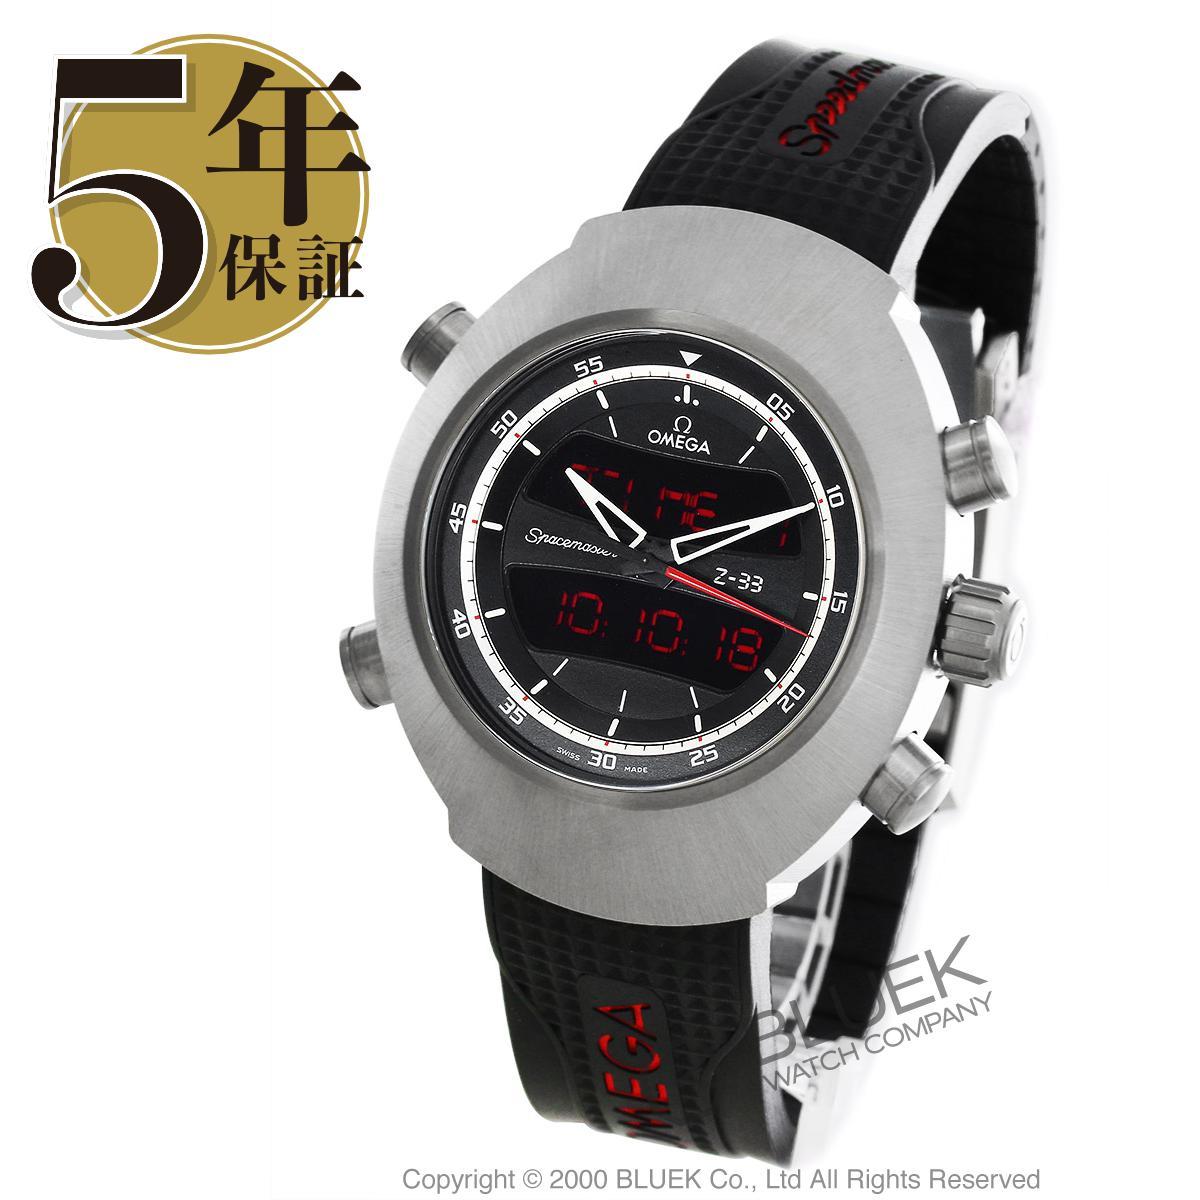 【6,000円OFFクーポン対象】オメガ スピードマスター スペースマスター Z-33 クロノグラフ 腕時計 メンズ OMEGA 325.92.43.79.01.001_8